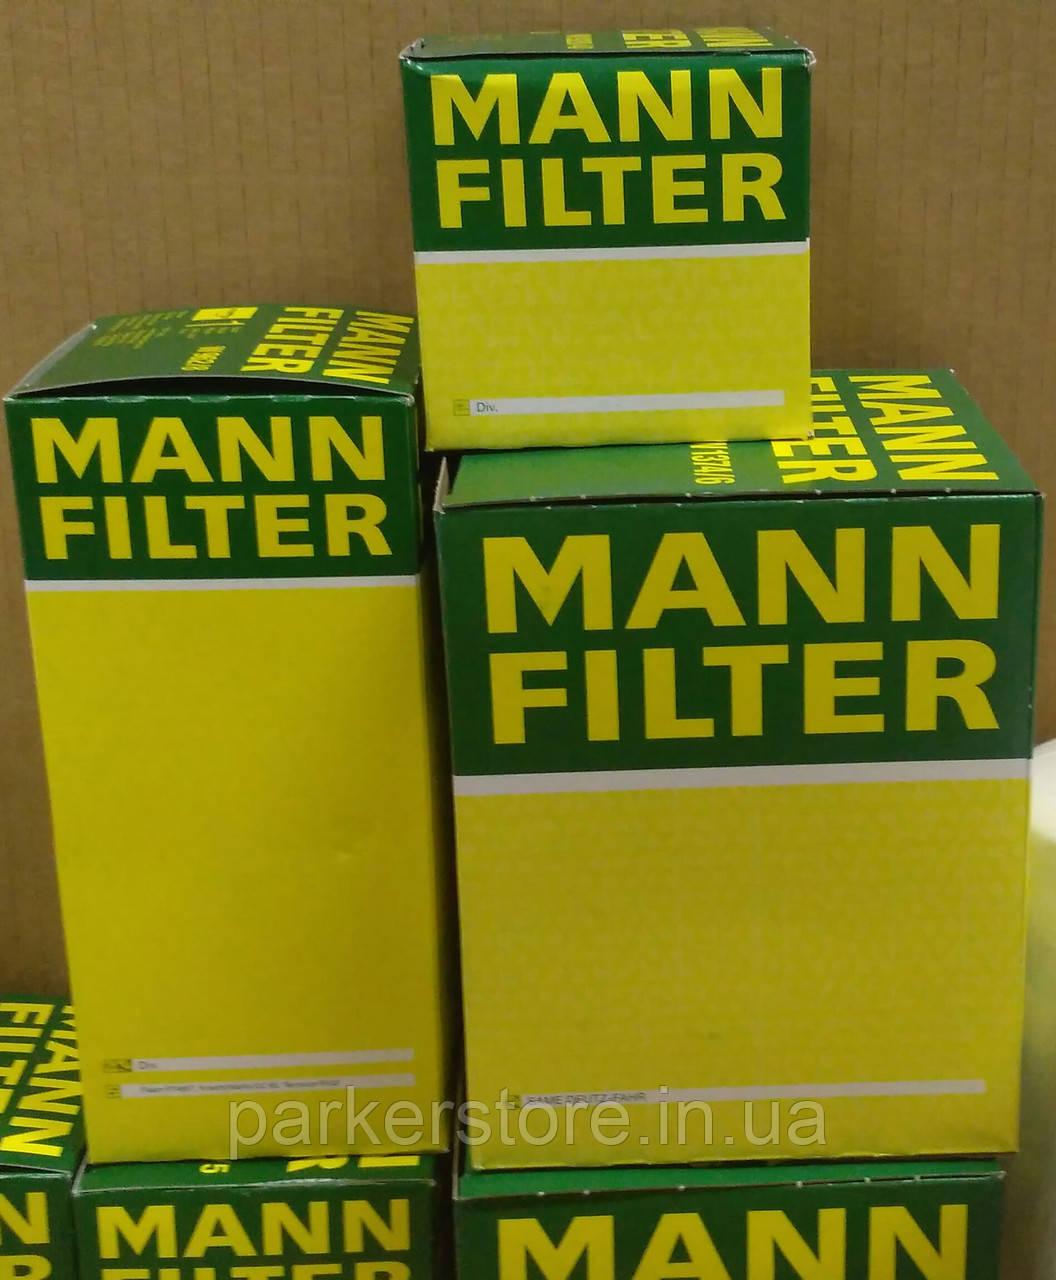 MANN FILTER / Воздушный фильтр / C 28 136/2 / C28136/2